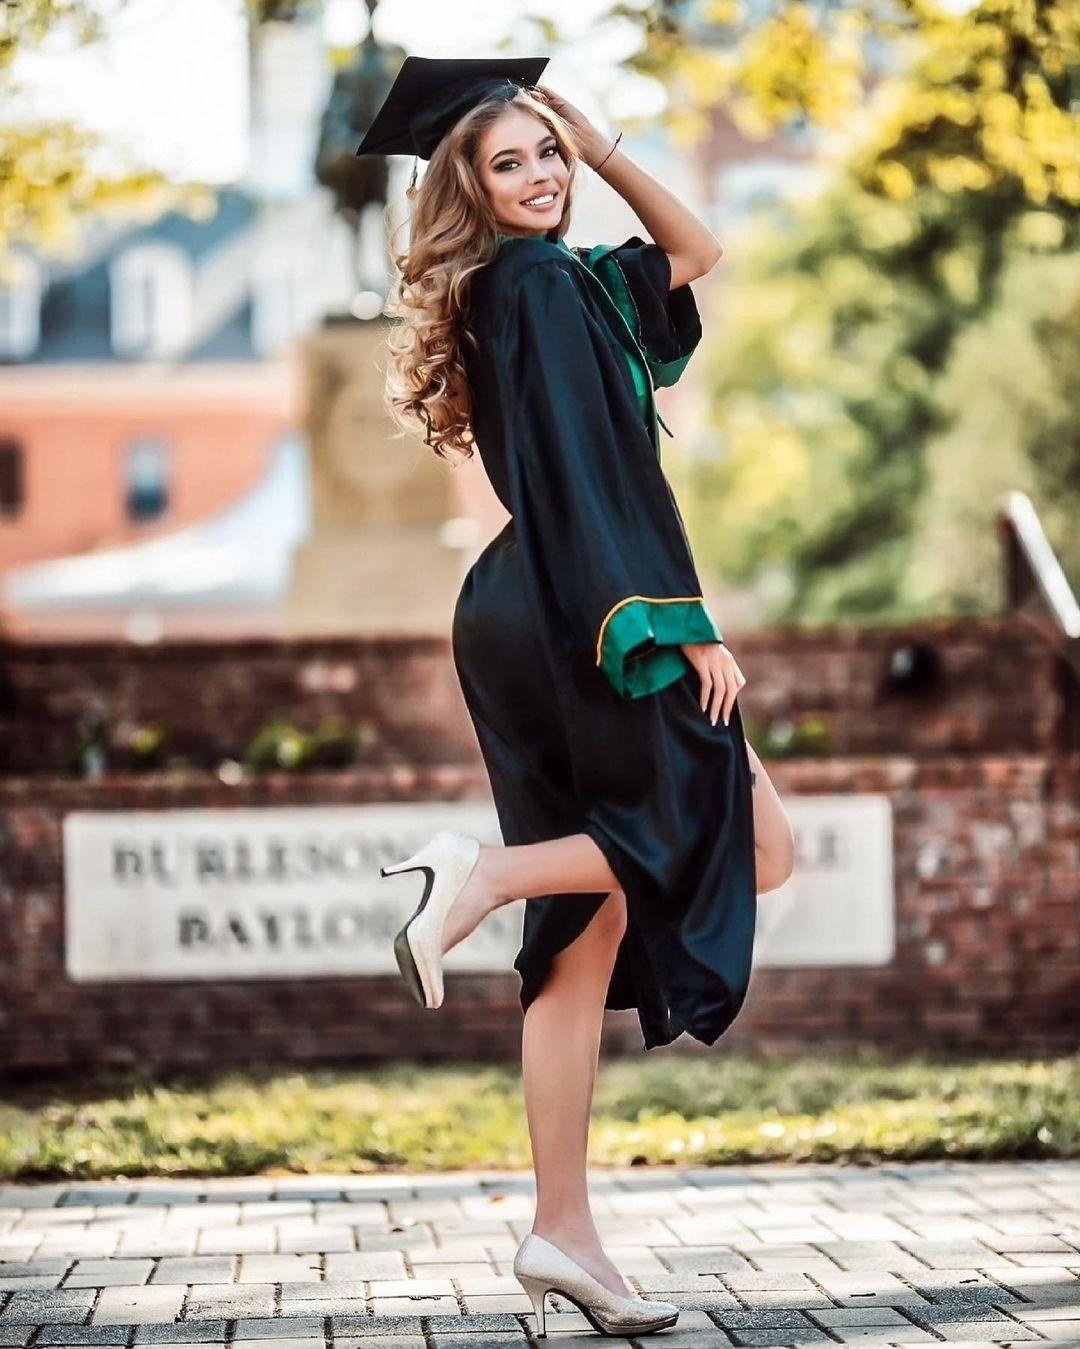 Украинка с лучшим бюстом мирового тенниса соблазнительно окончила христианский университет (фото)